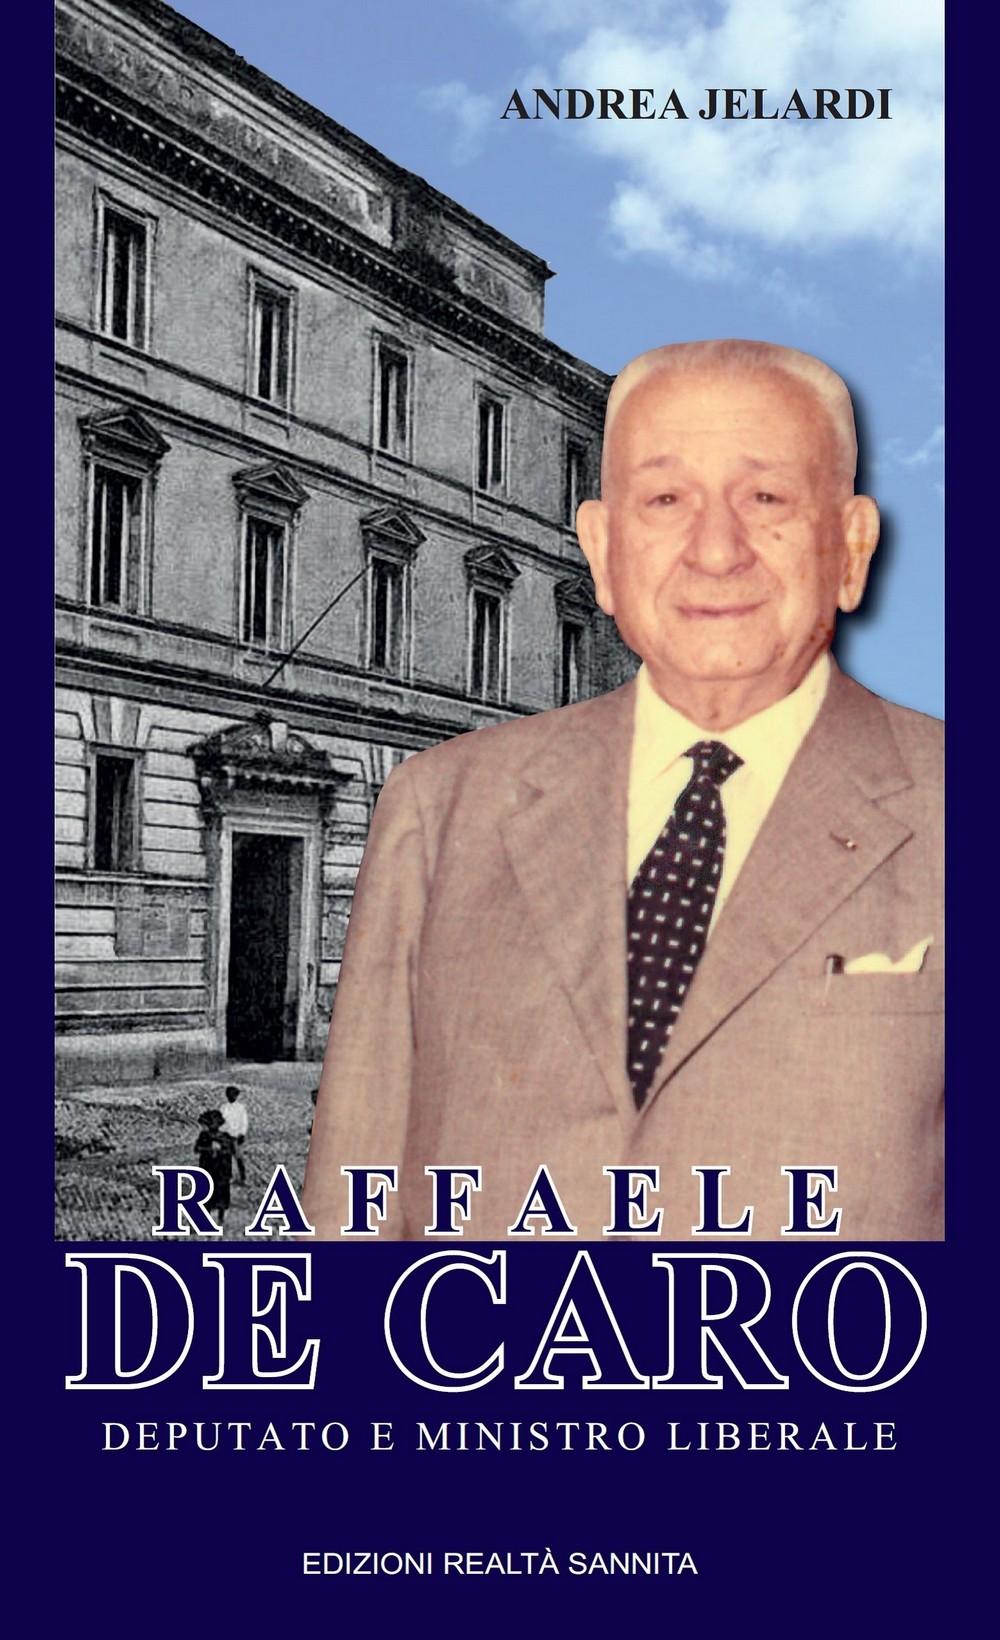 Raffaele De Caro